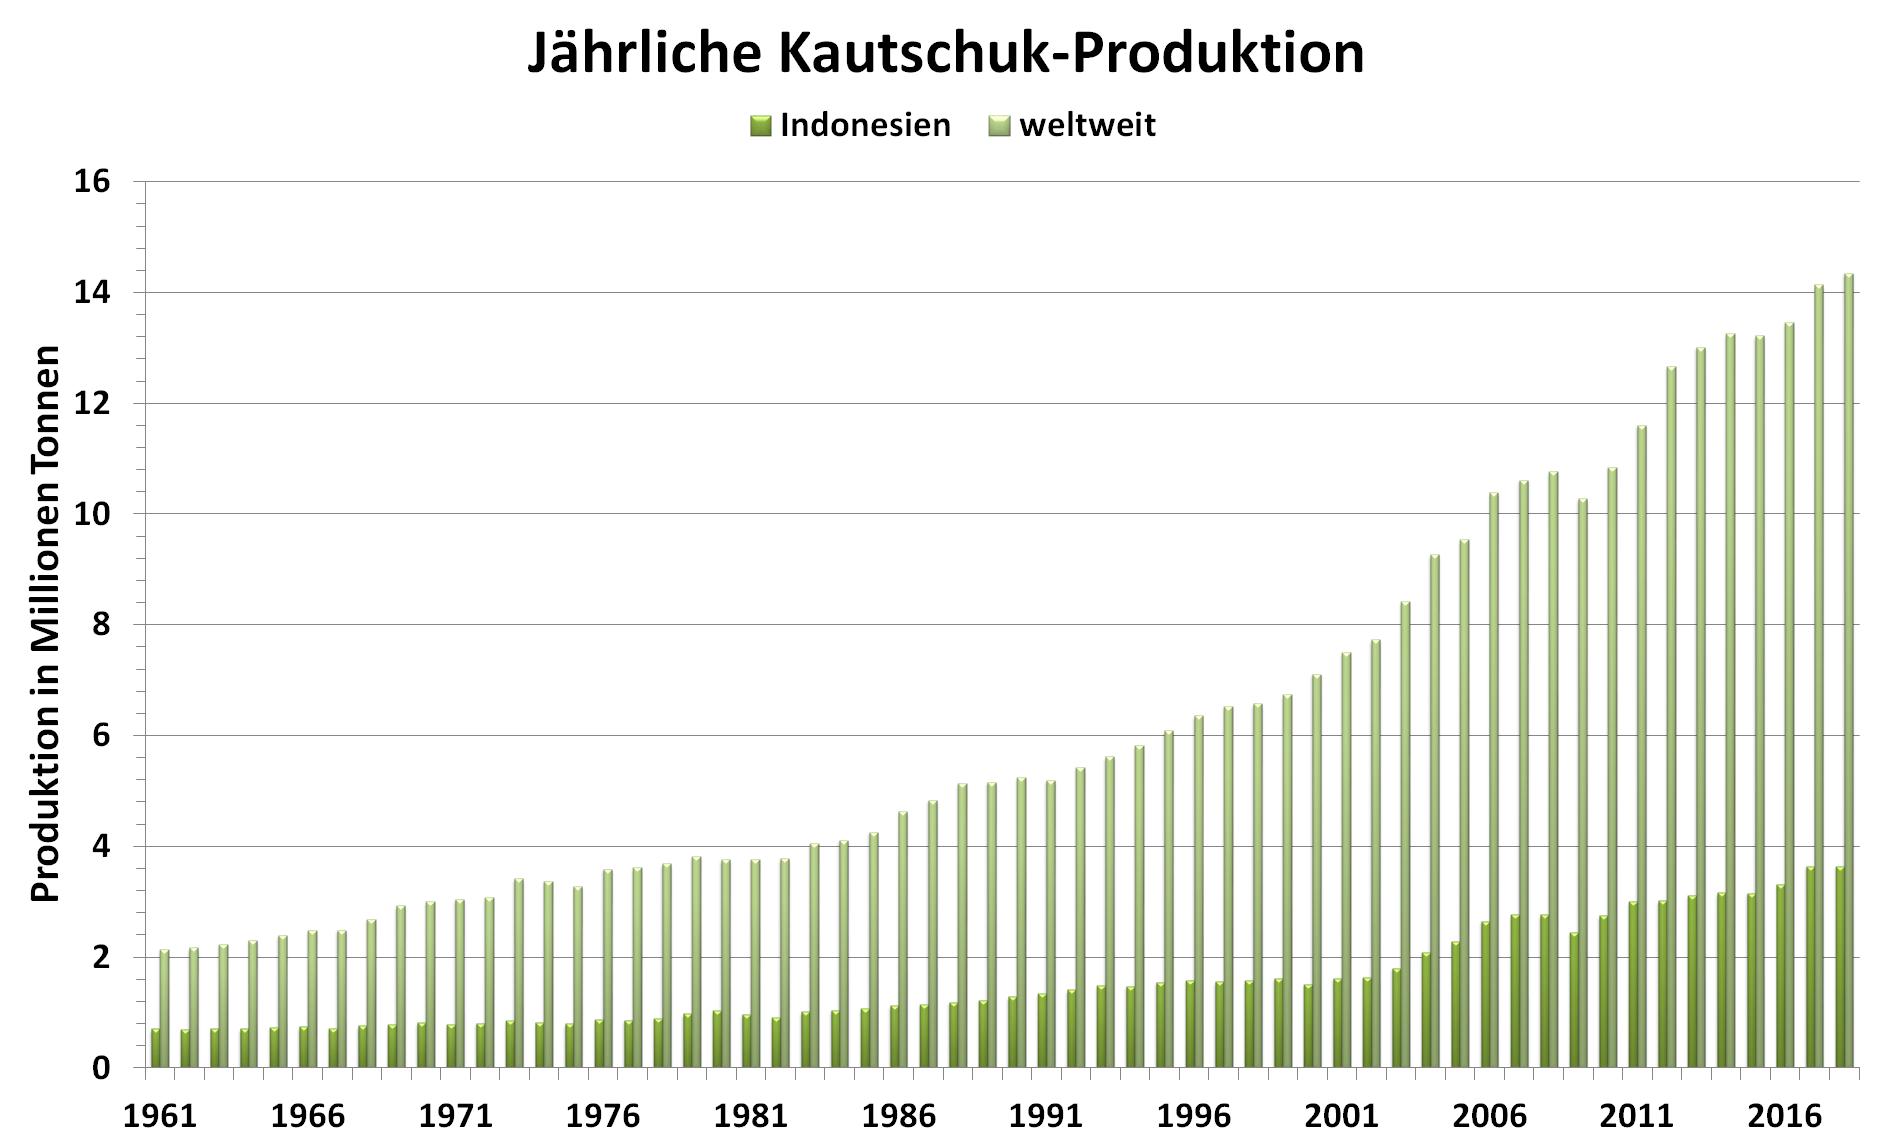 Grafik: jährliche Produktion von Kautschuk weltweit und in Indonesien von 1961 bis 2018